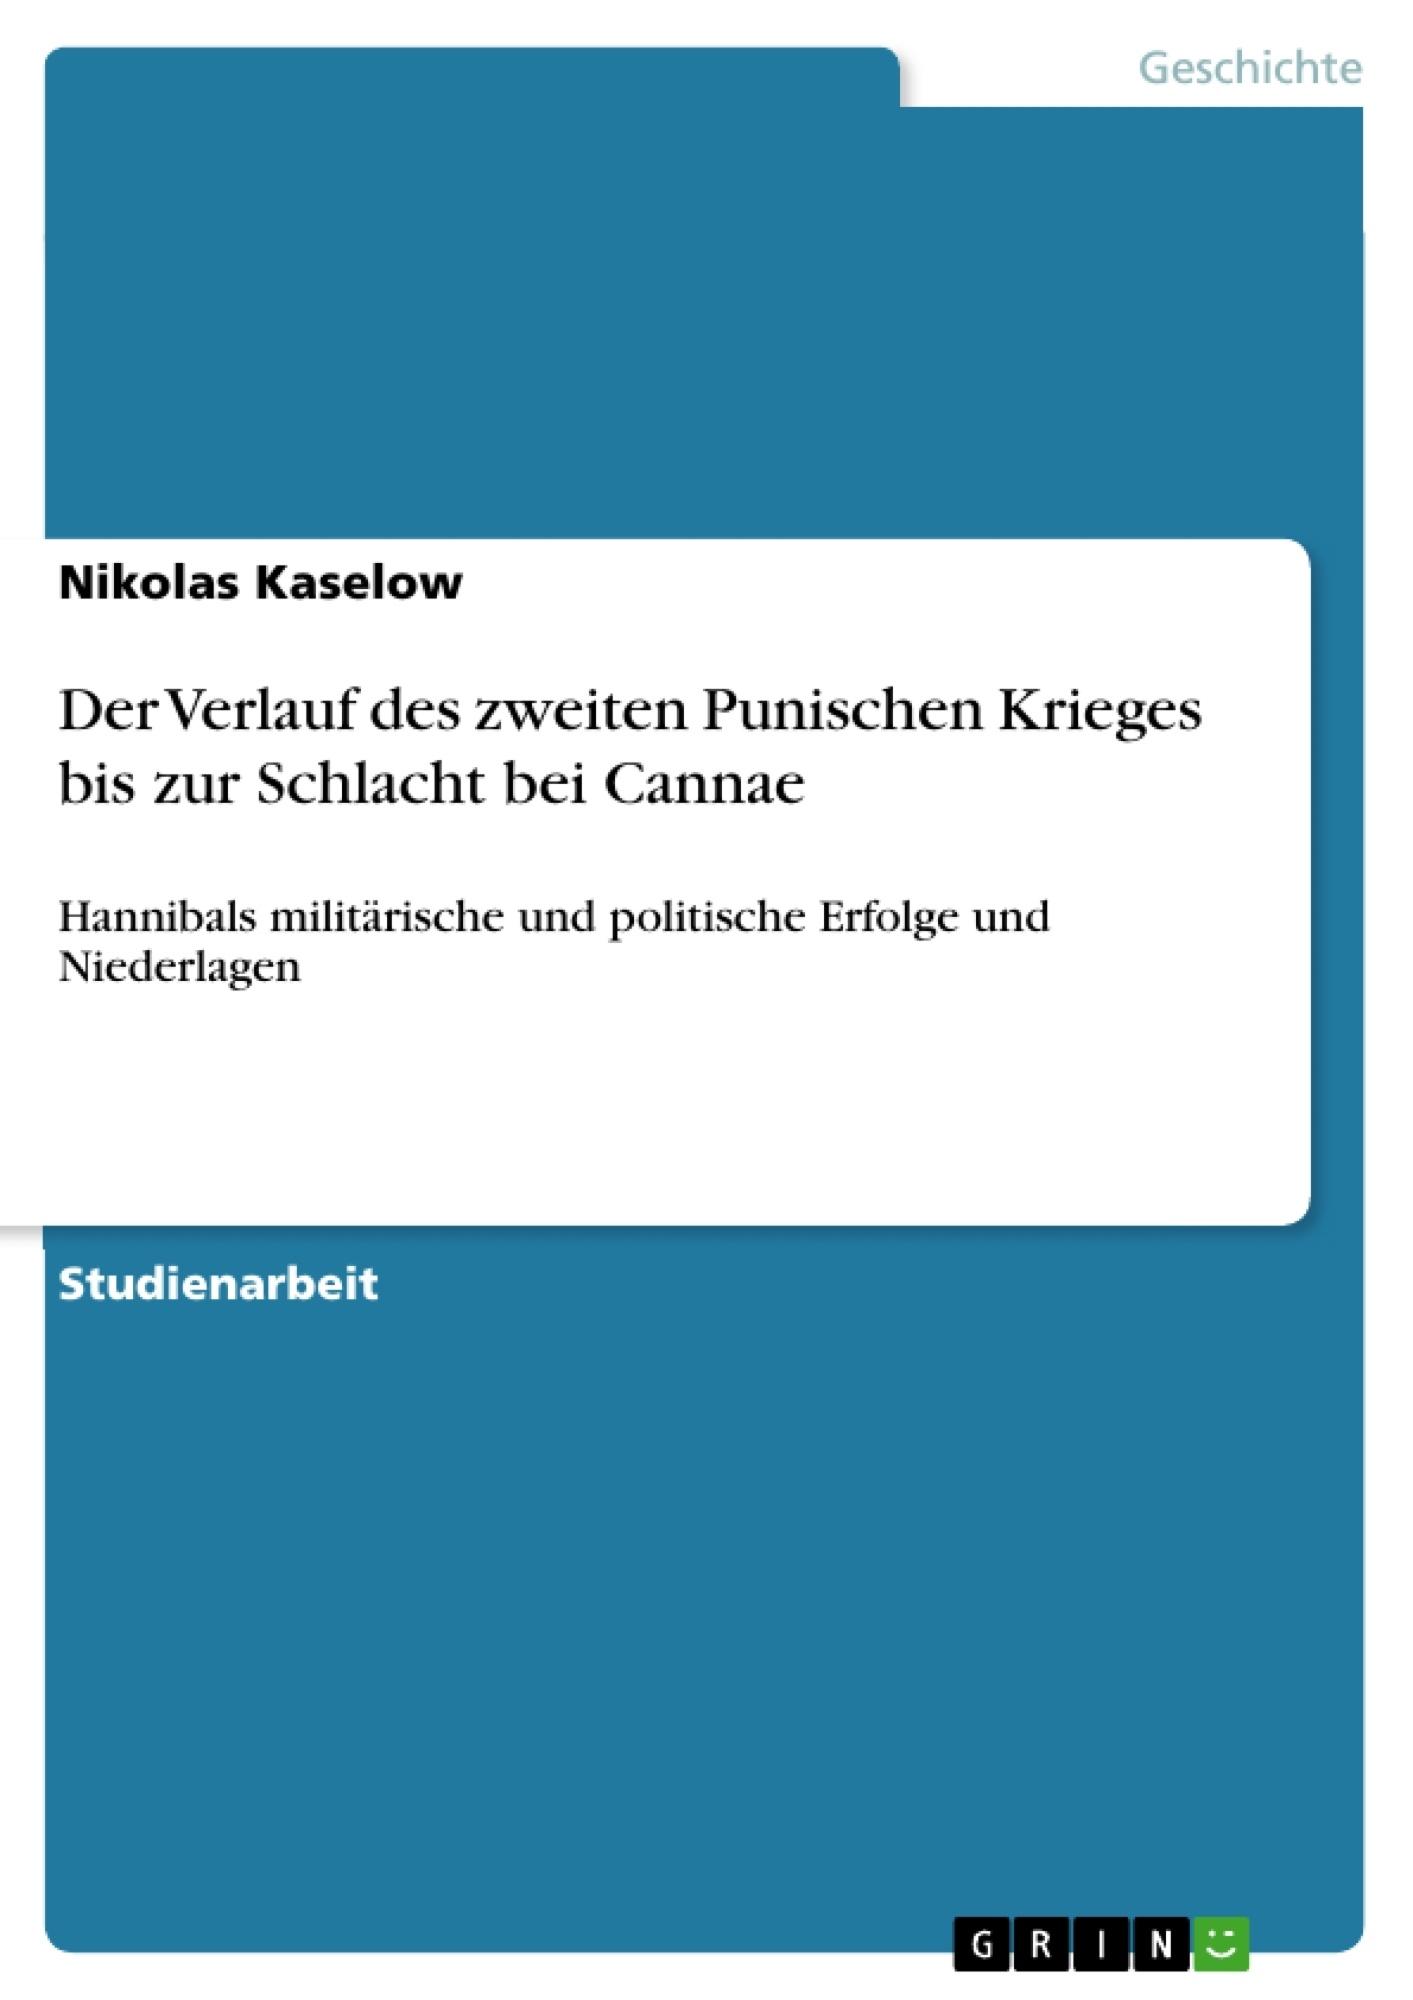 Titel: Der Verlauf des zweiten Punischen Krieges bis zur Schlacht bei Cannae